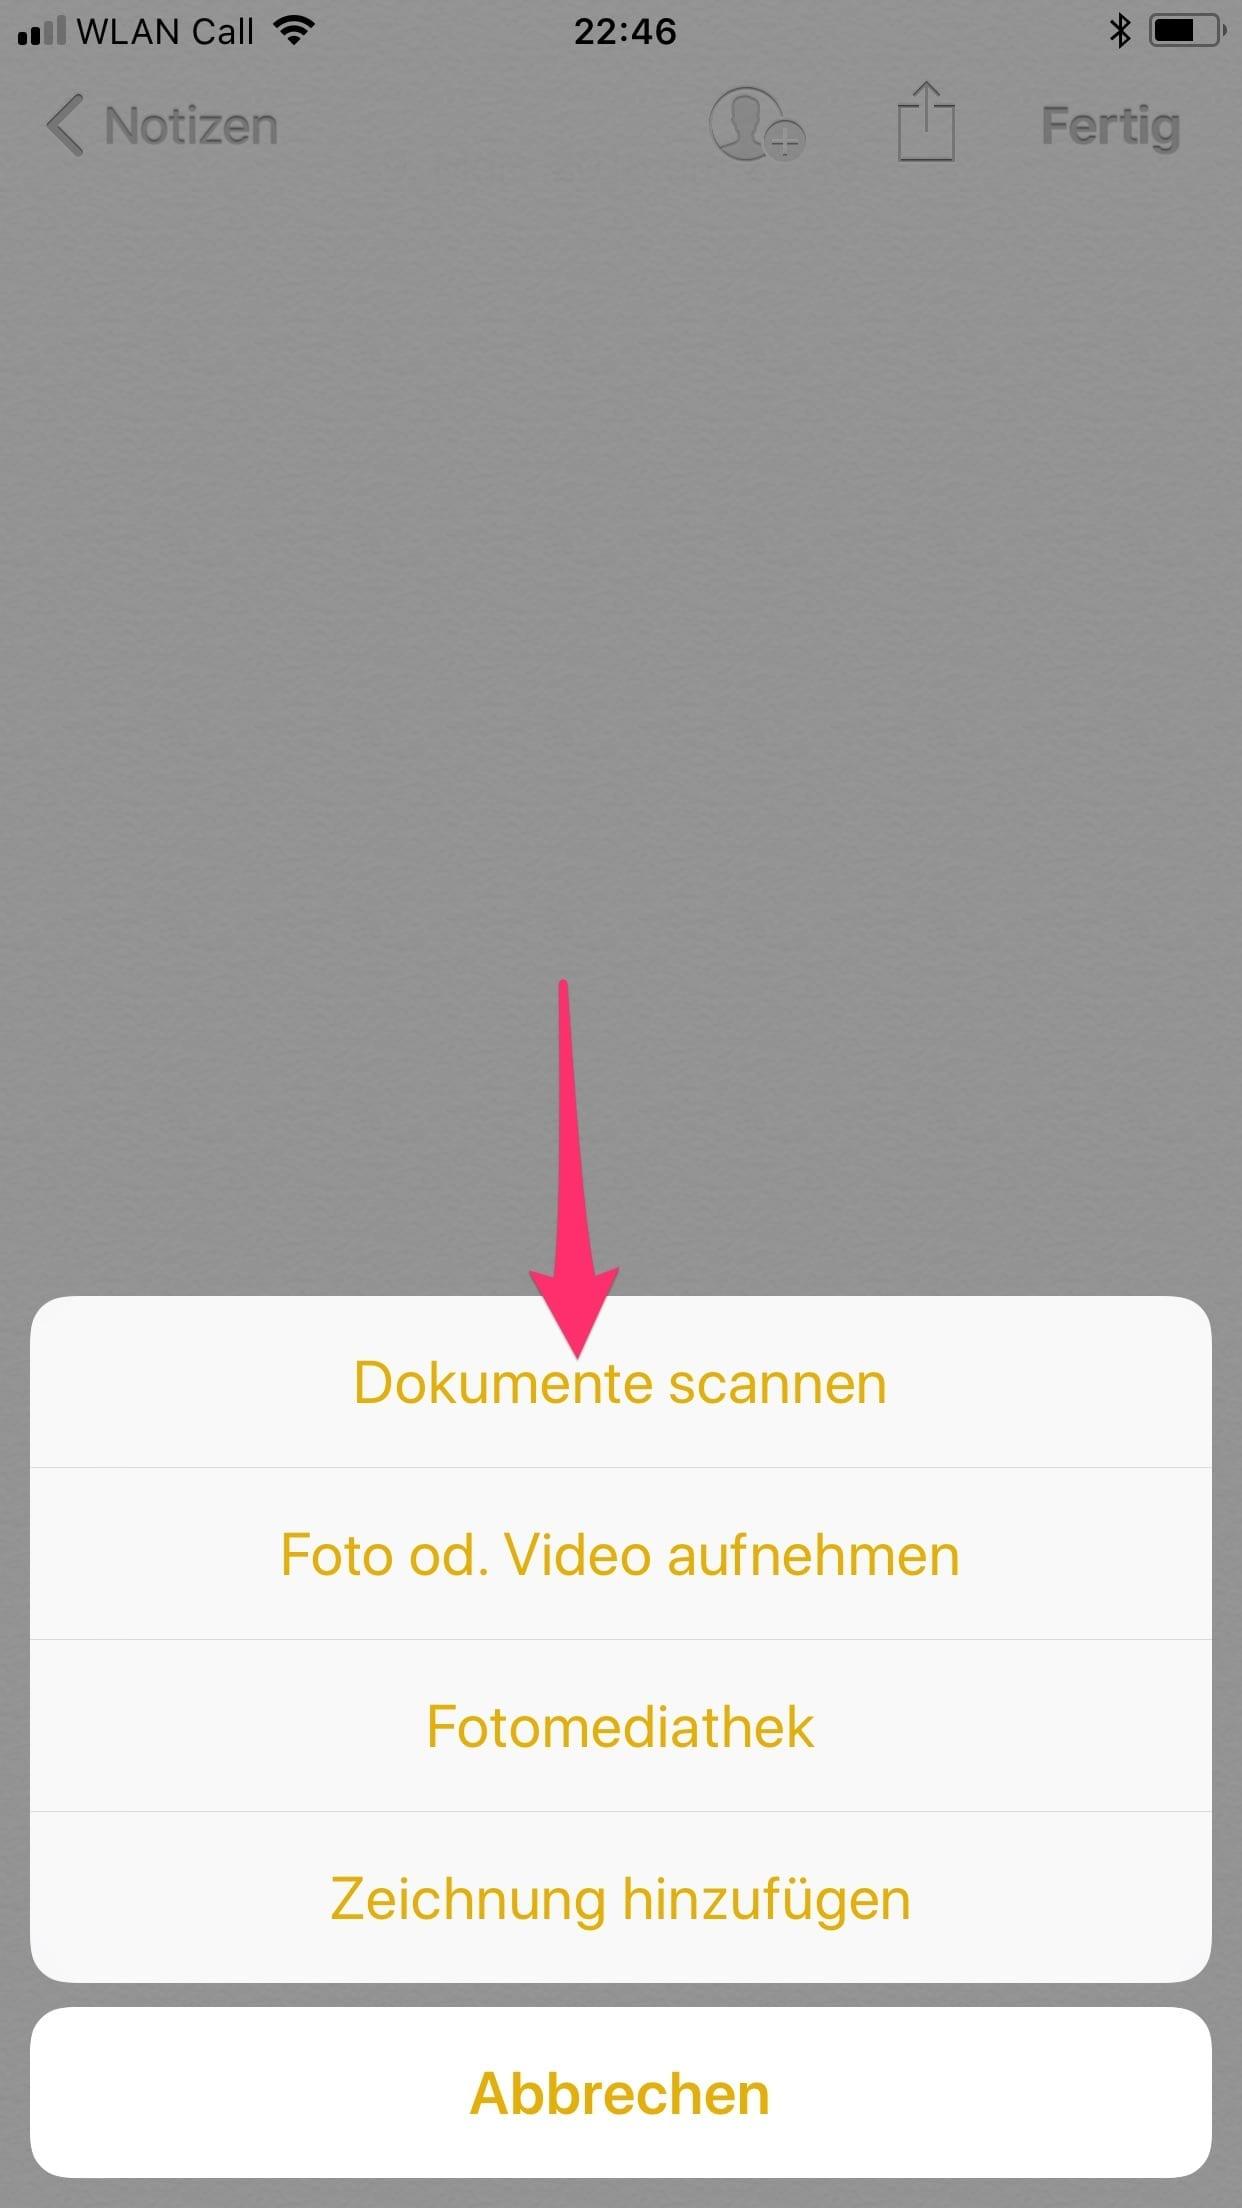 Dokumente scannen mit iPhone oder iPad - Dokument Scannen auswählen